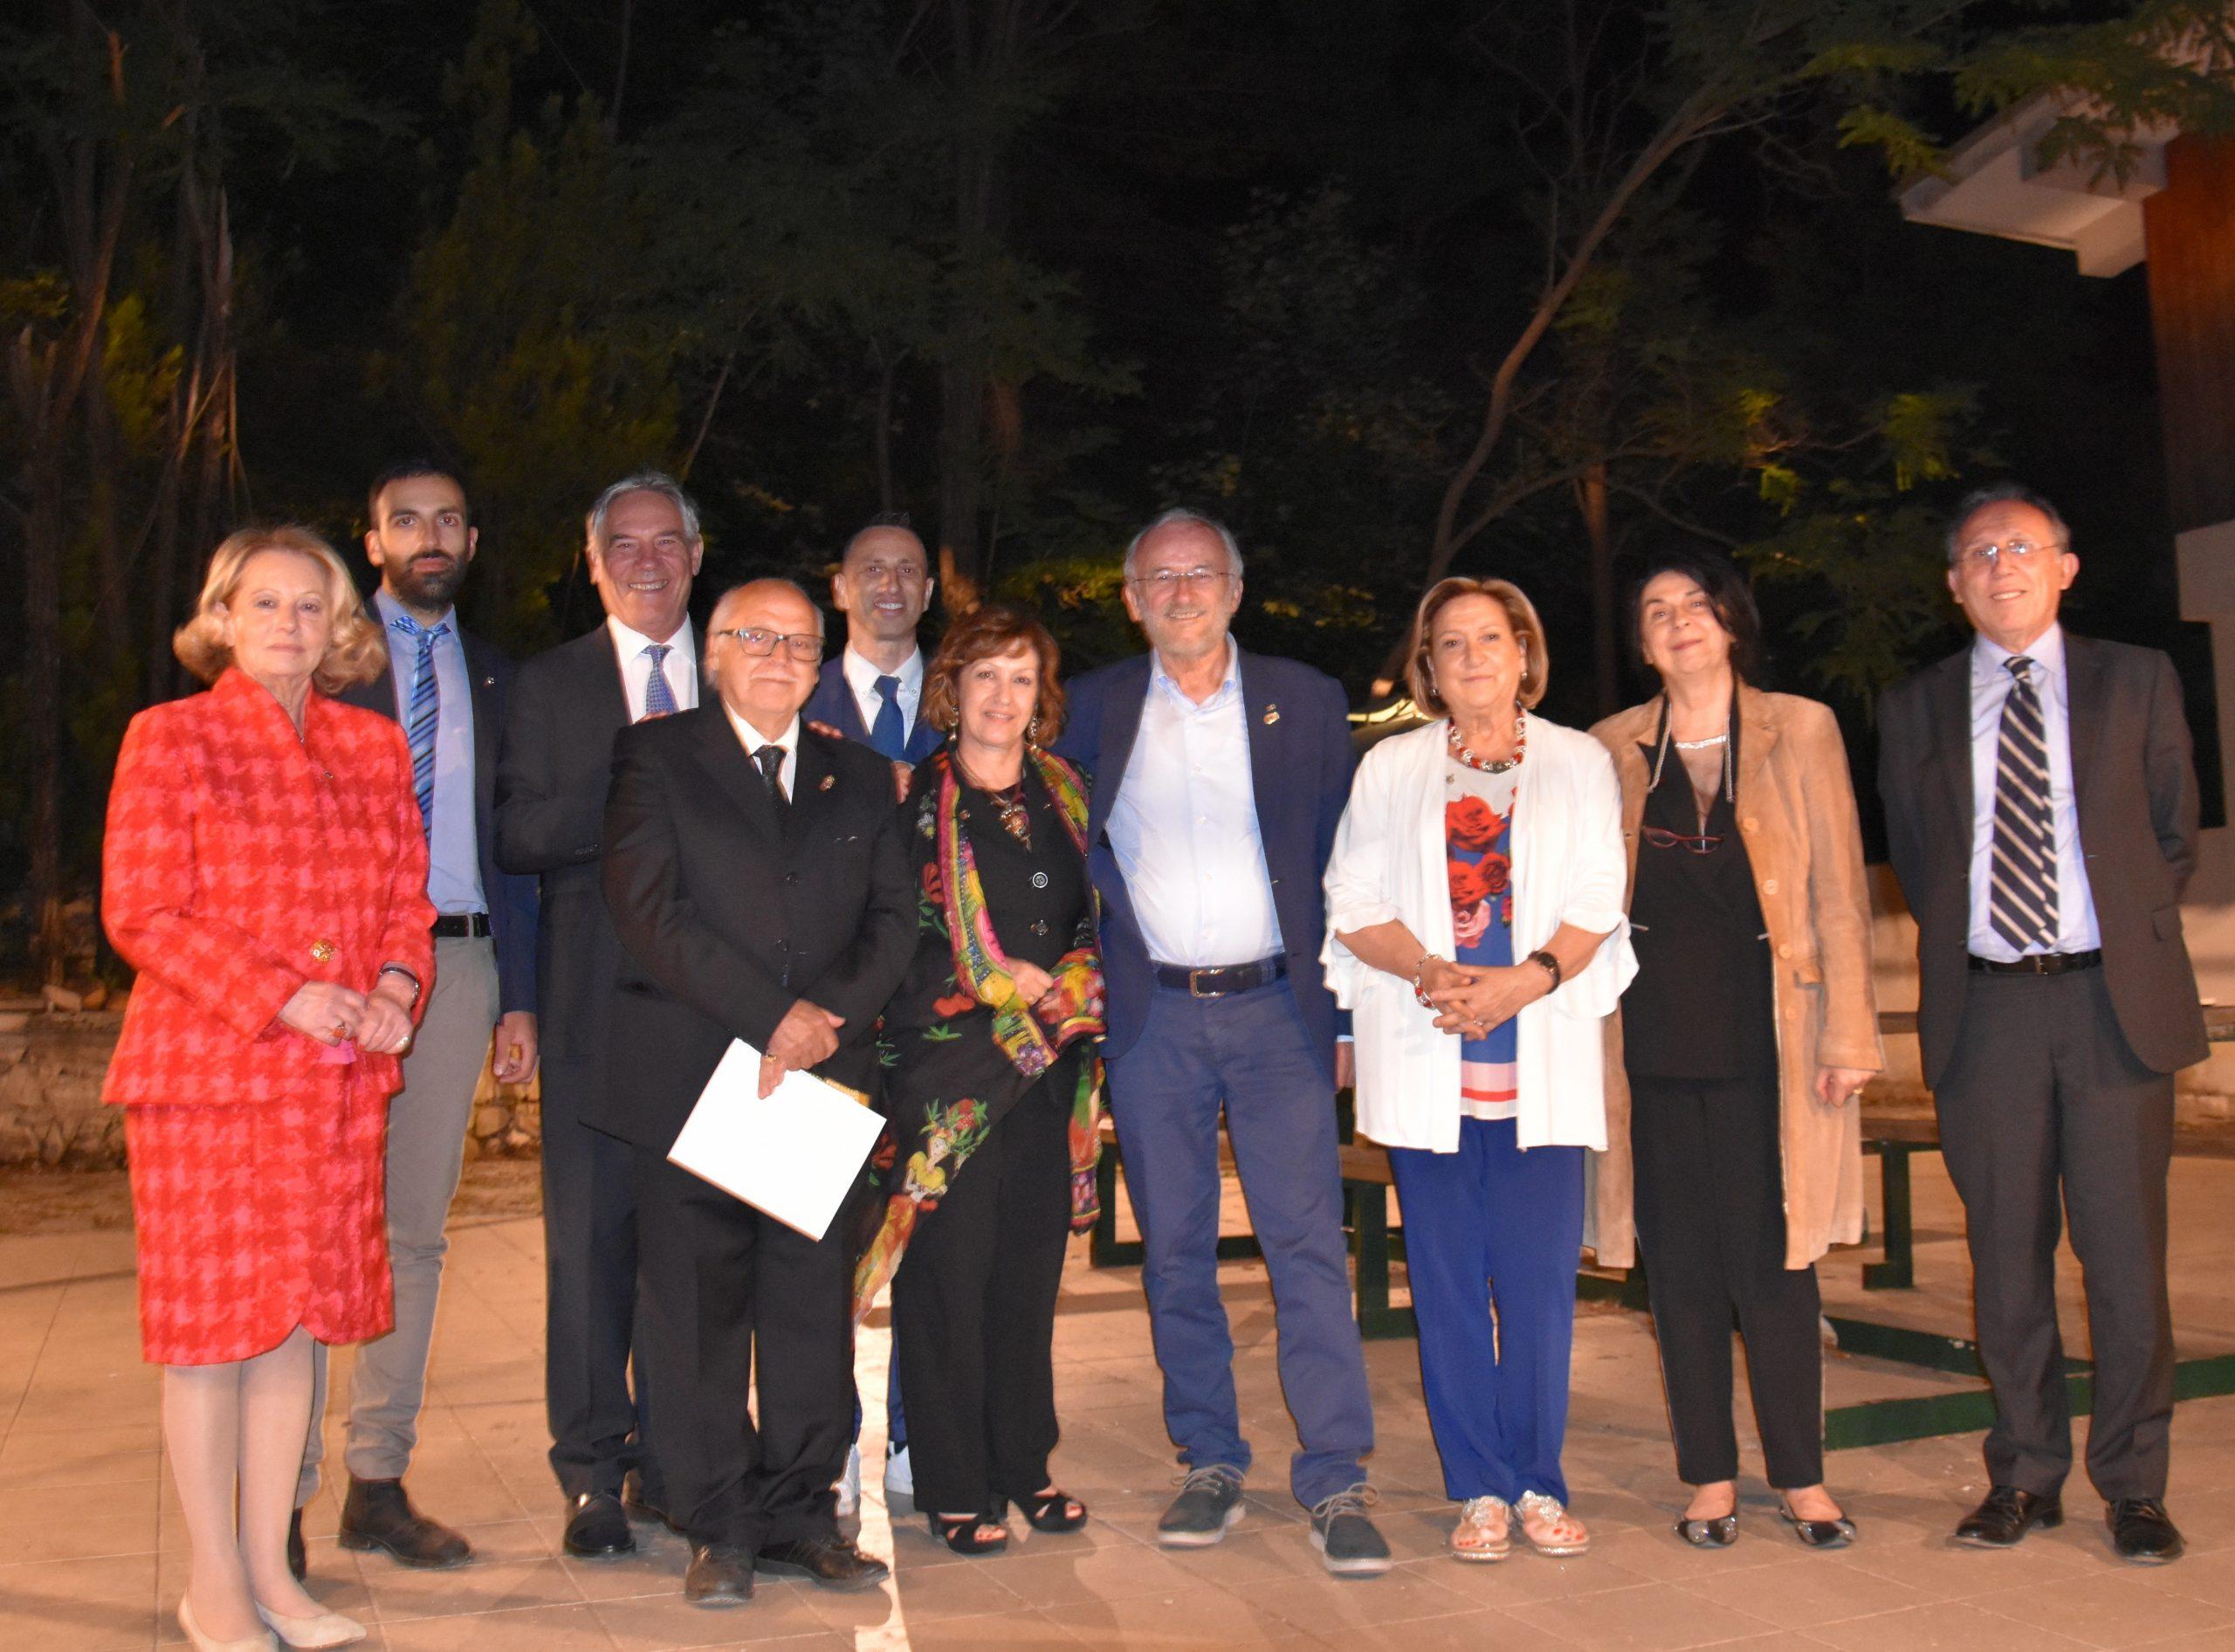 ALESSANDRO ACCIAI NUOVO PRESIDENTE DEL LIONS CLUB MICIGLIANO TERMINILLO